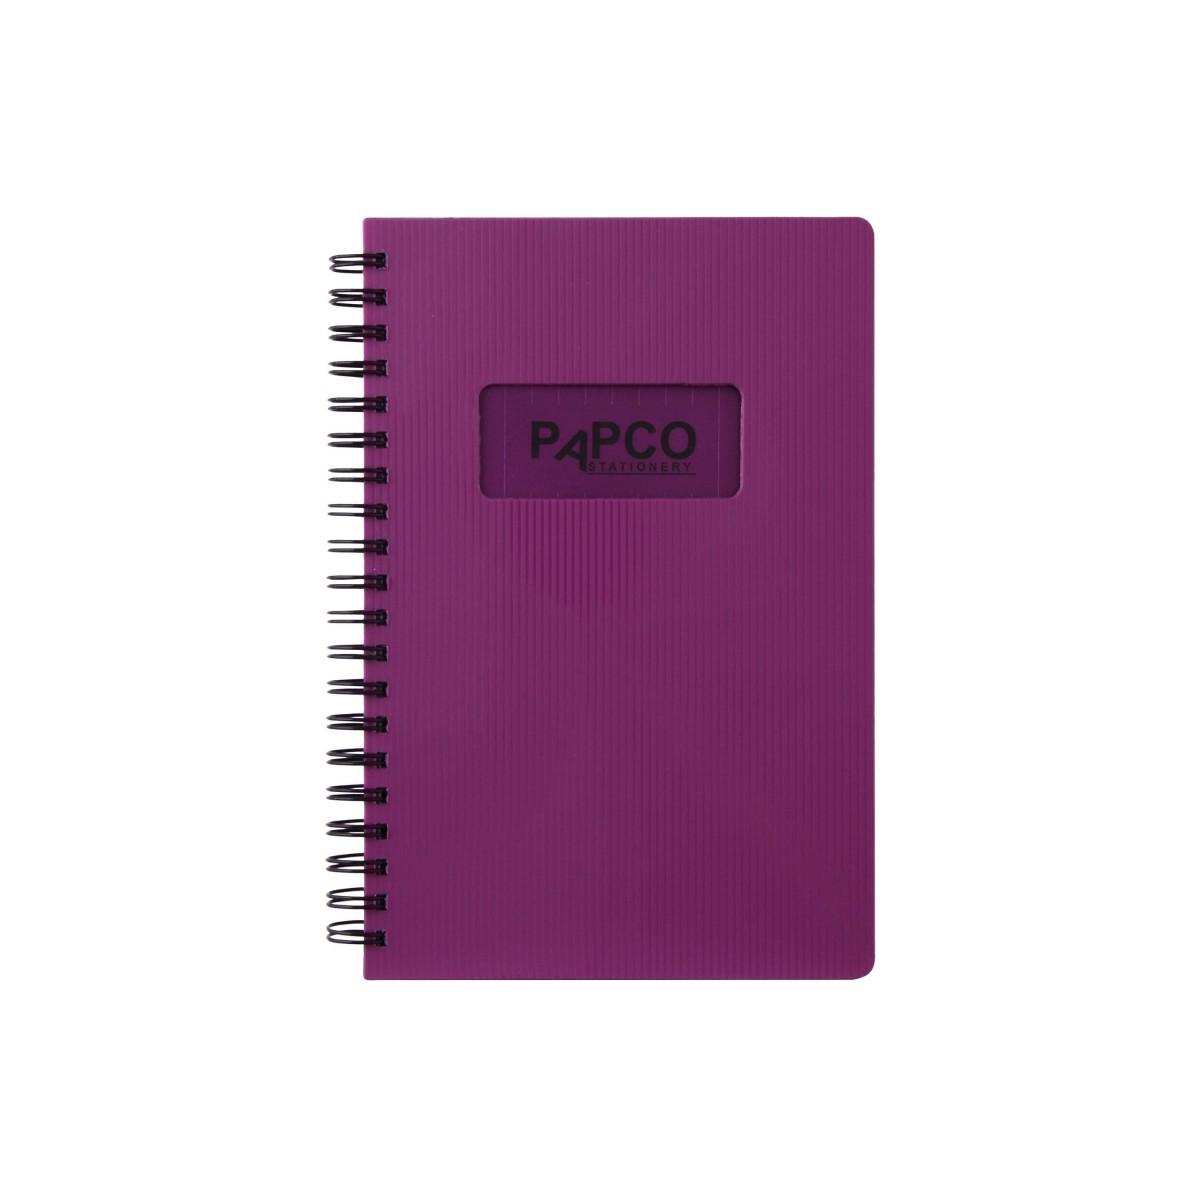 دفتر یادداشت زبان 100 برگ پاپکو مدل NB-643BC کد HT01